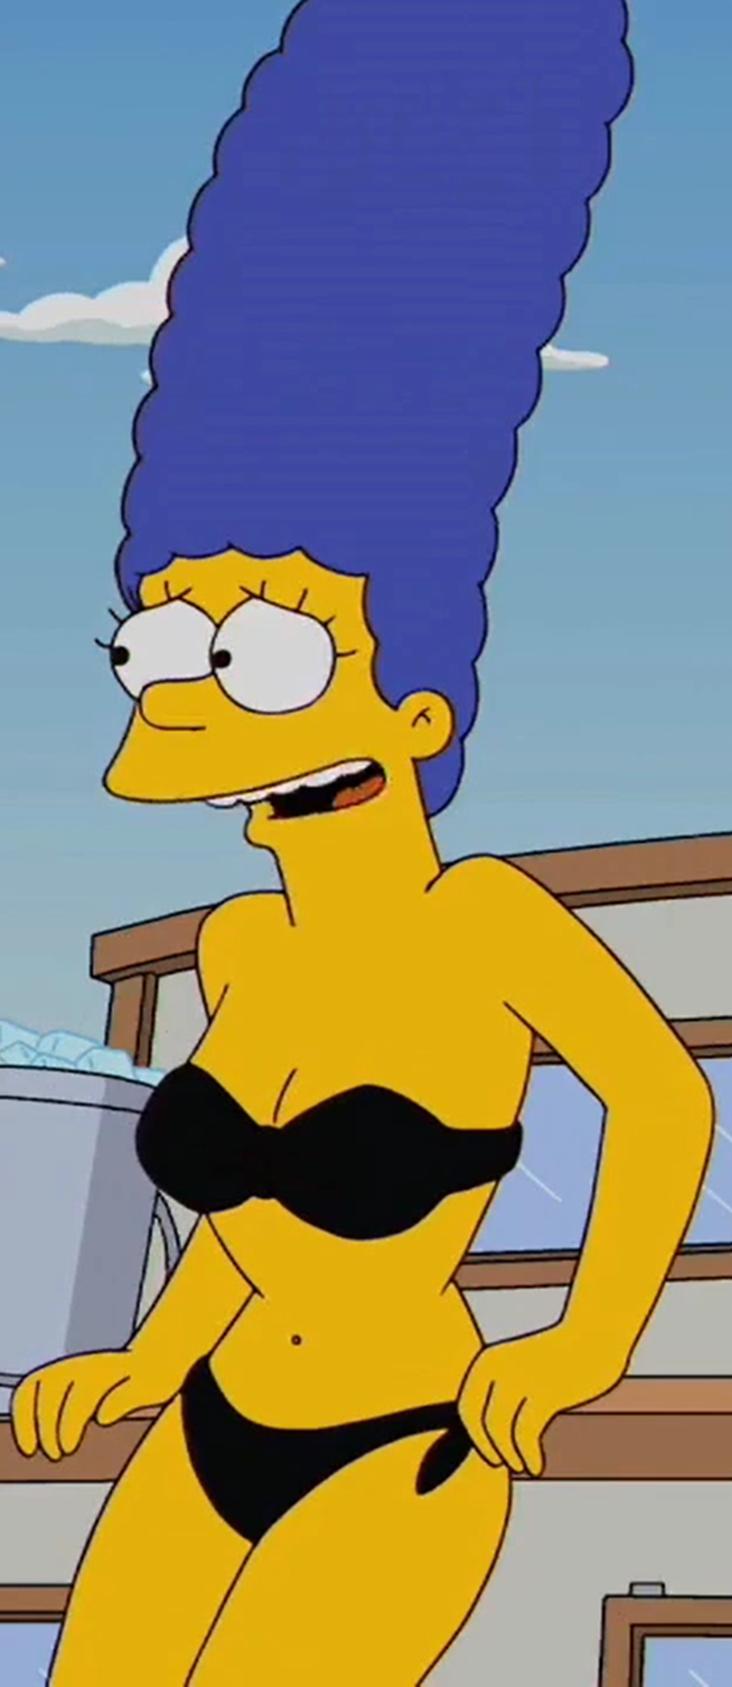 Marge simpson bikini episodes